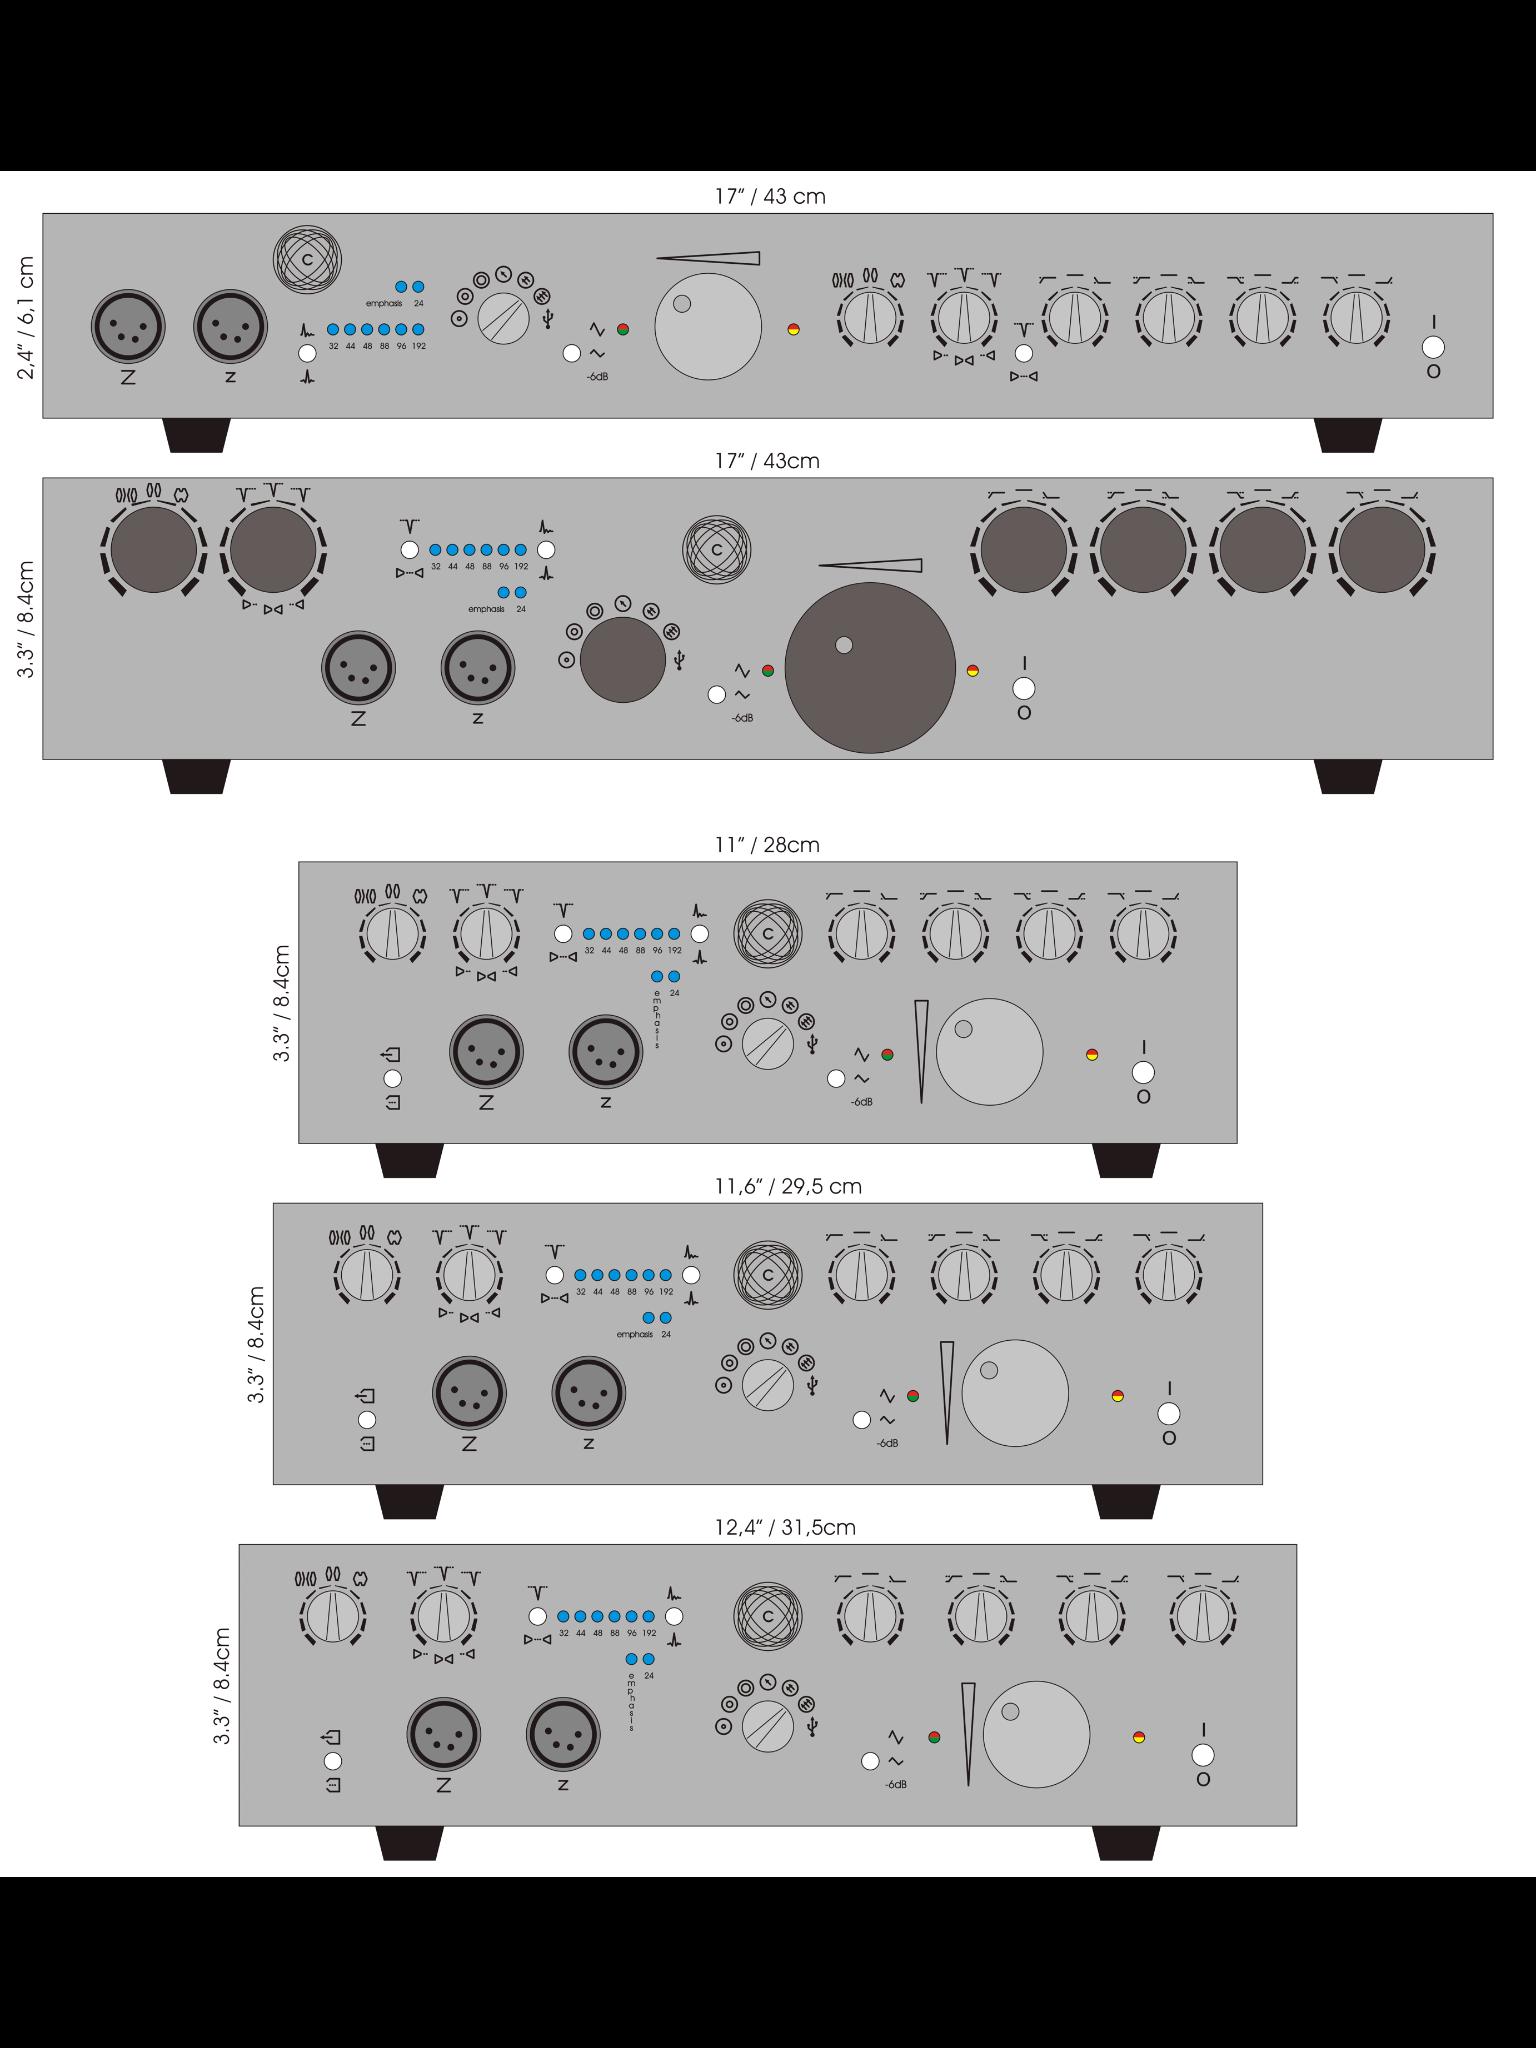 C0BF7BEC-A45A-44D3-8D69-D729C3700066.png